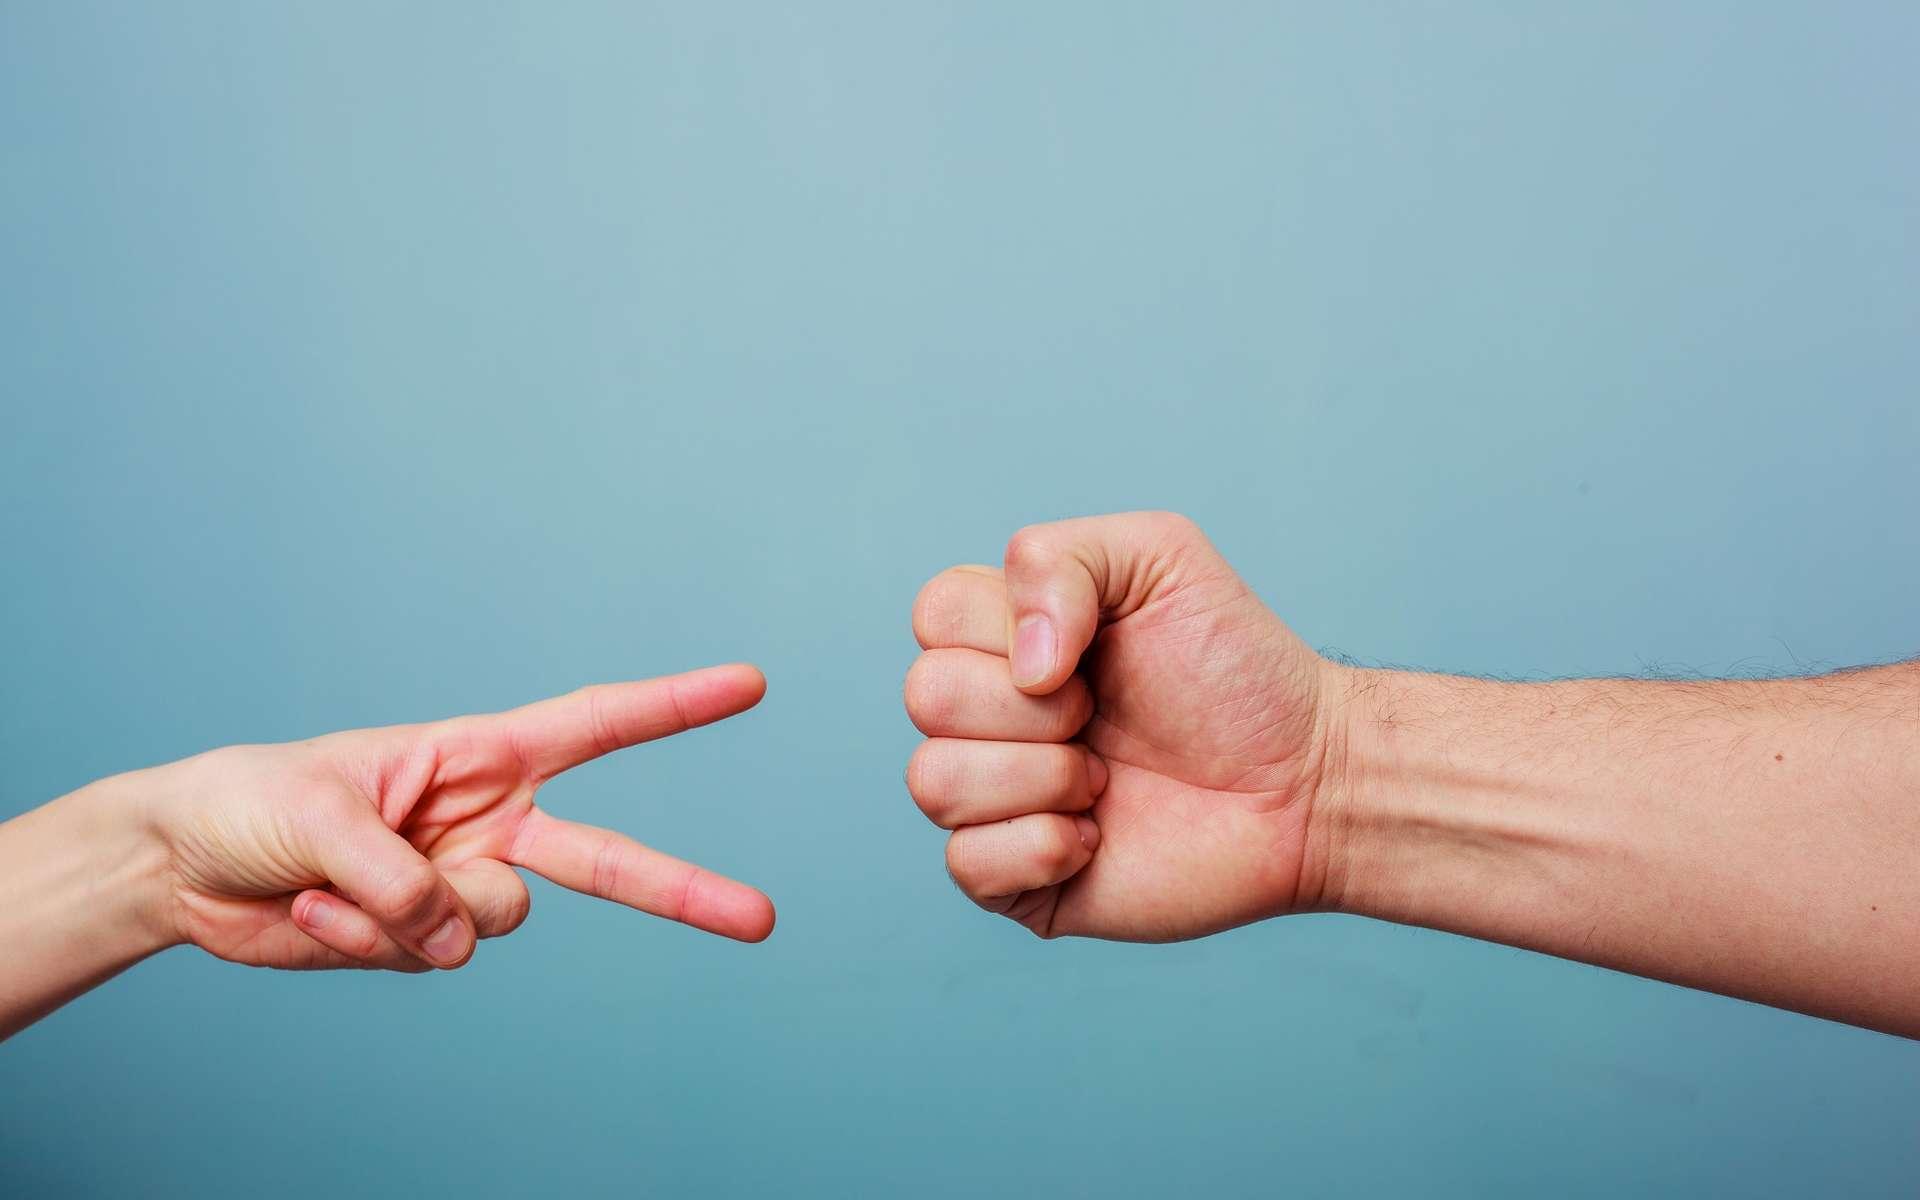 Bizarrement, les gens préfèrent jouer la pierre à chifoumi. © Lolostock, Shutterstock